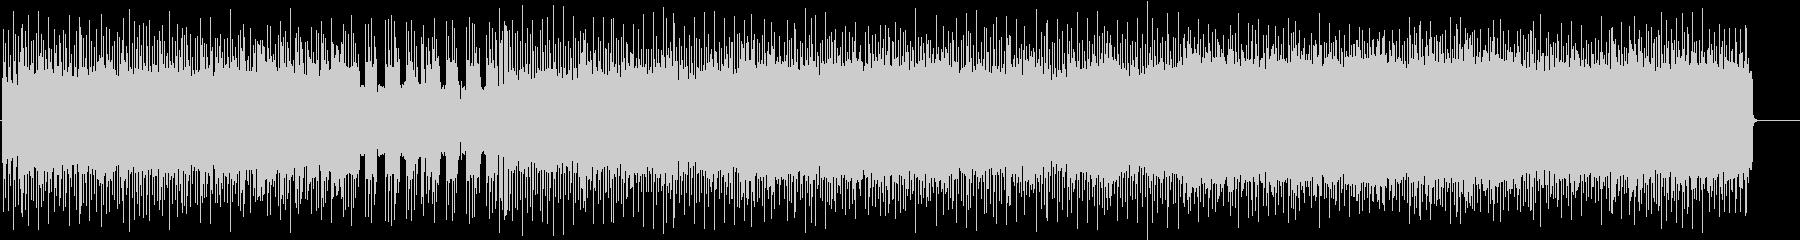 アメリカン・ロック/ファンクの未再生の波形